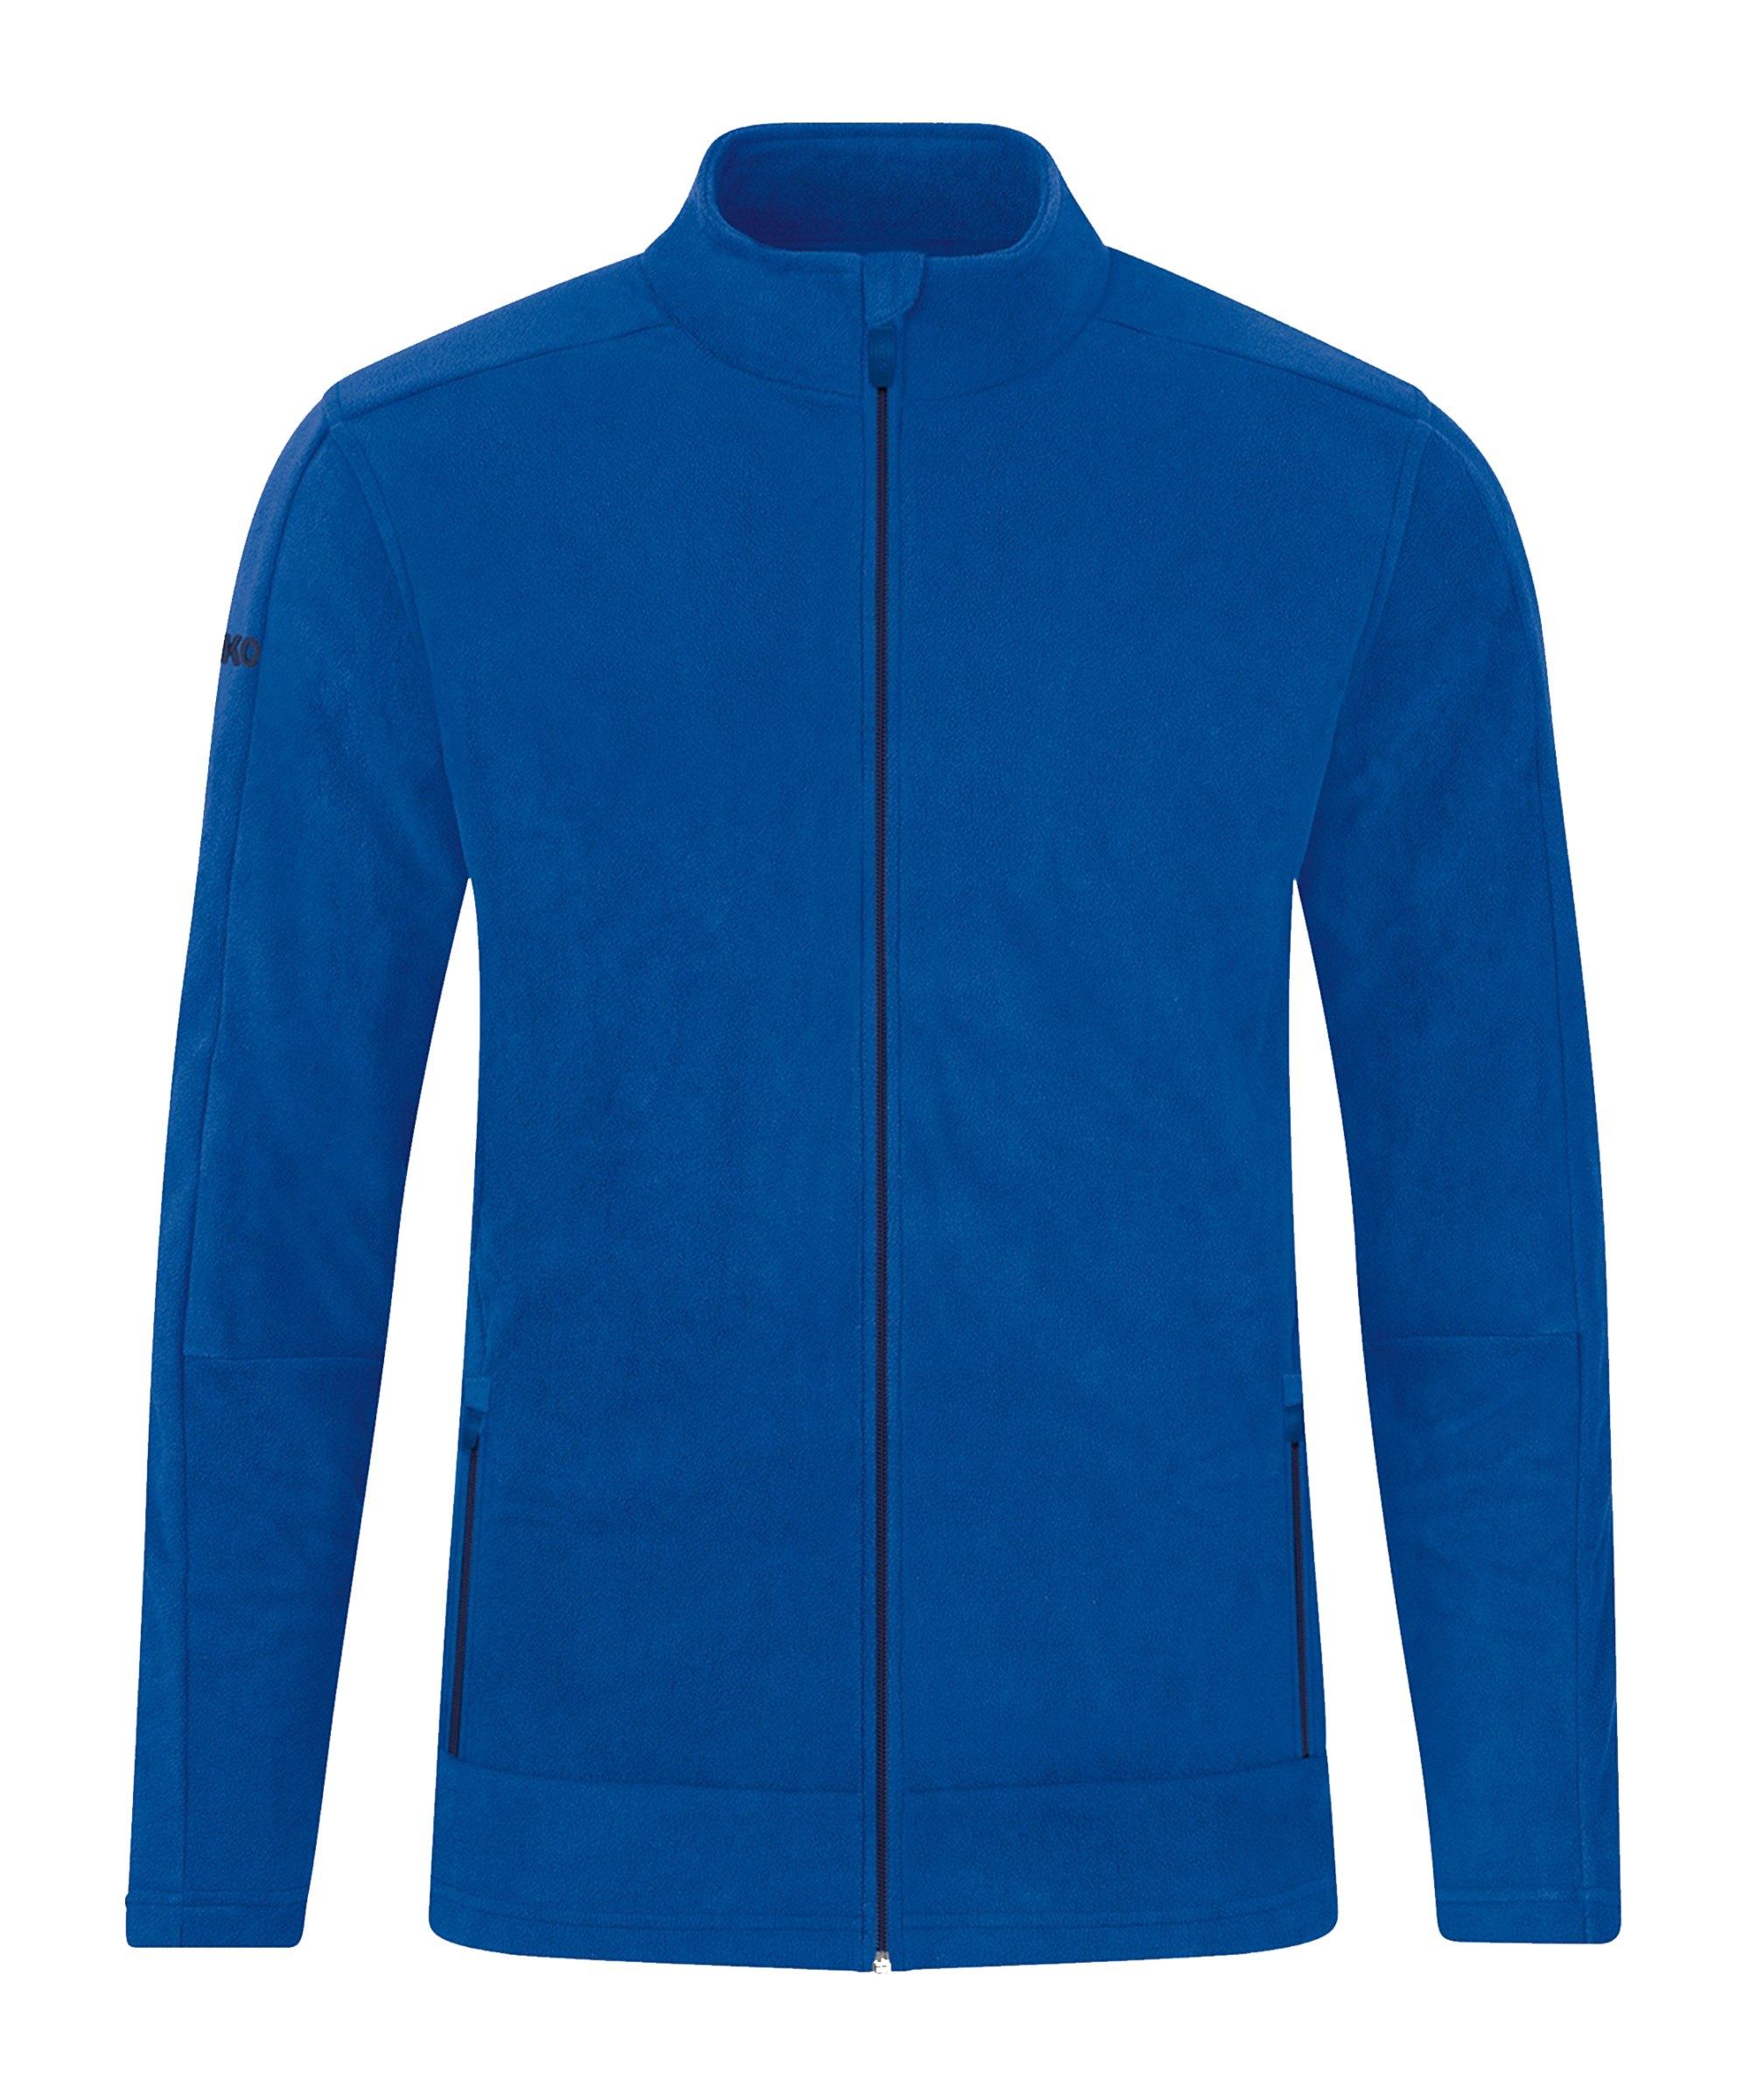 JAKO Fleece Jacke Blau F402 - blau